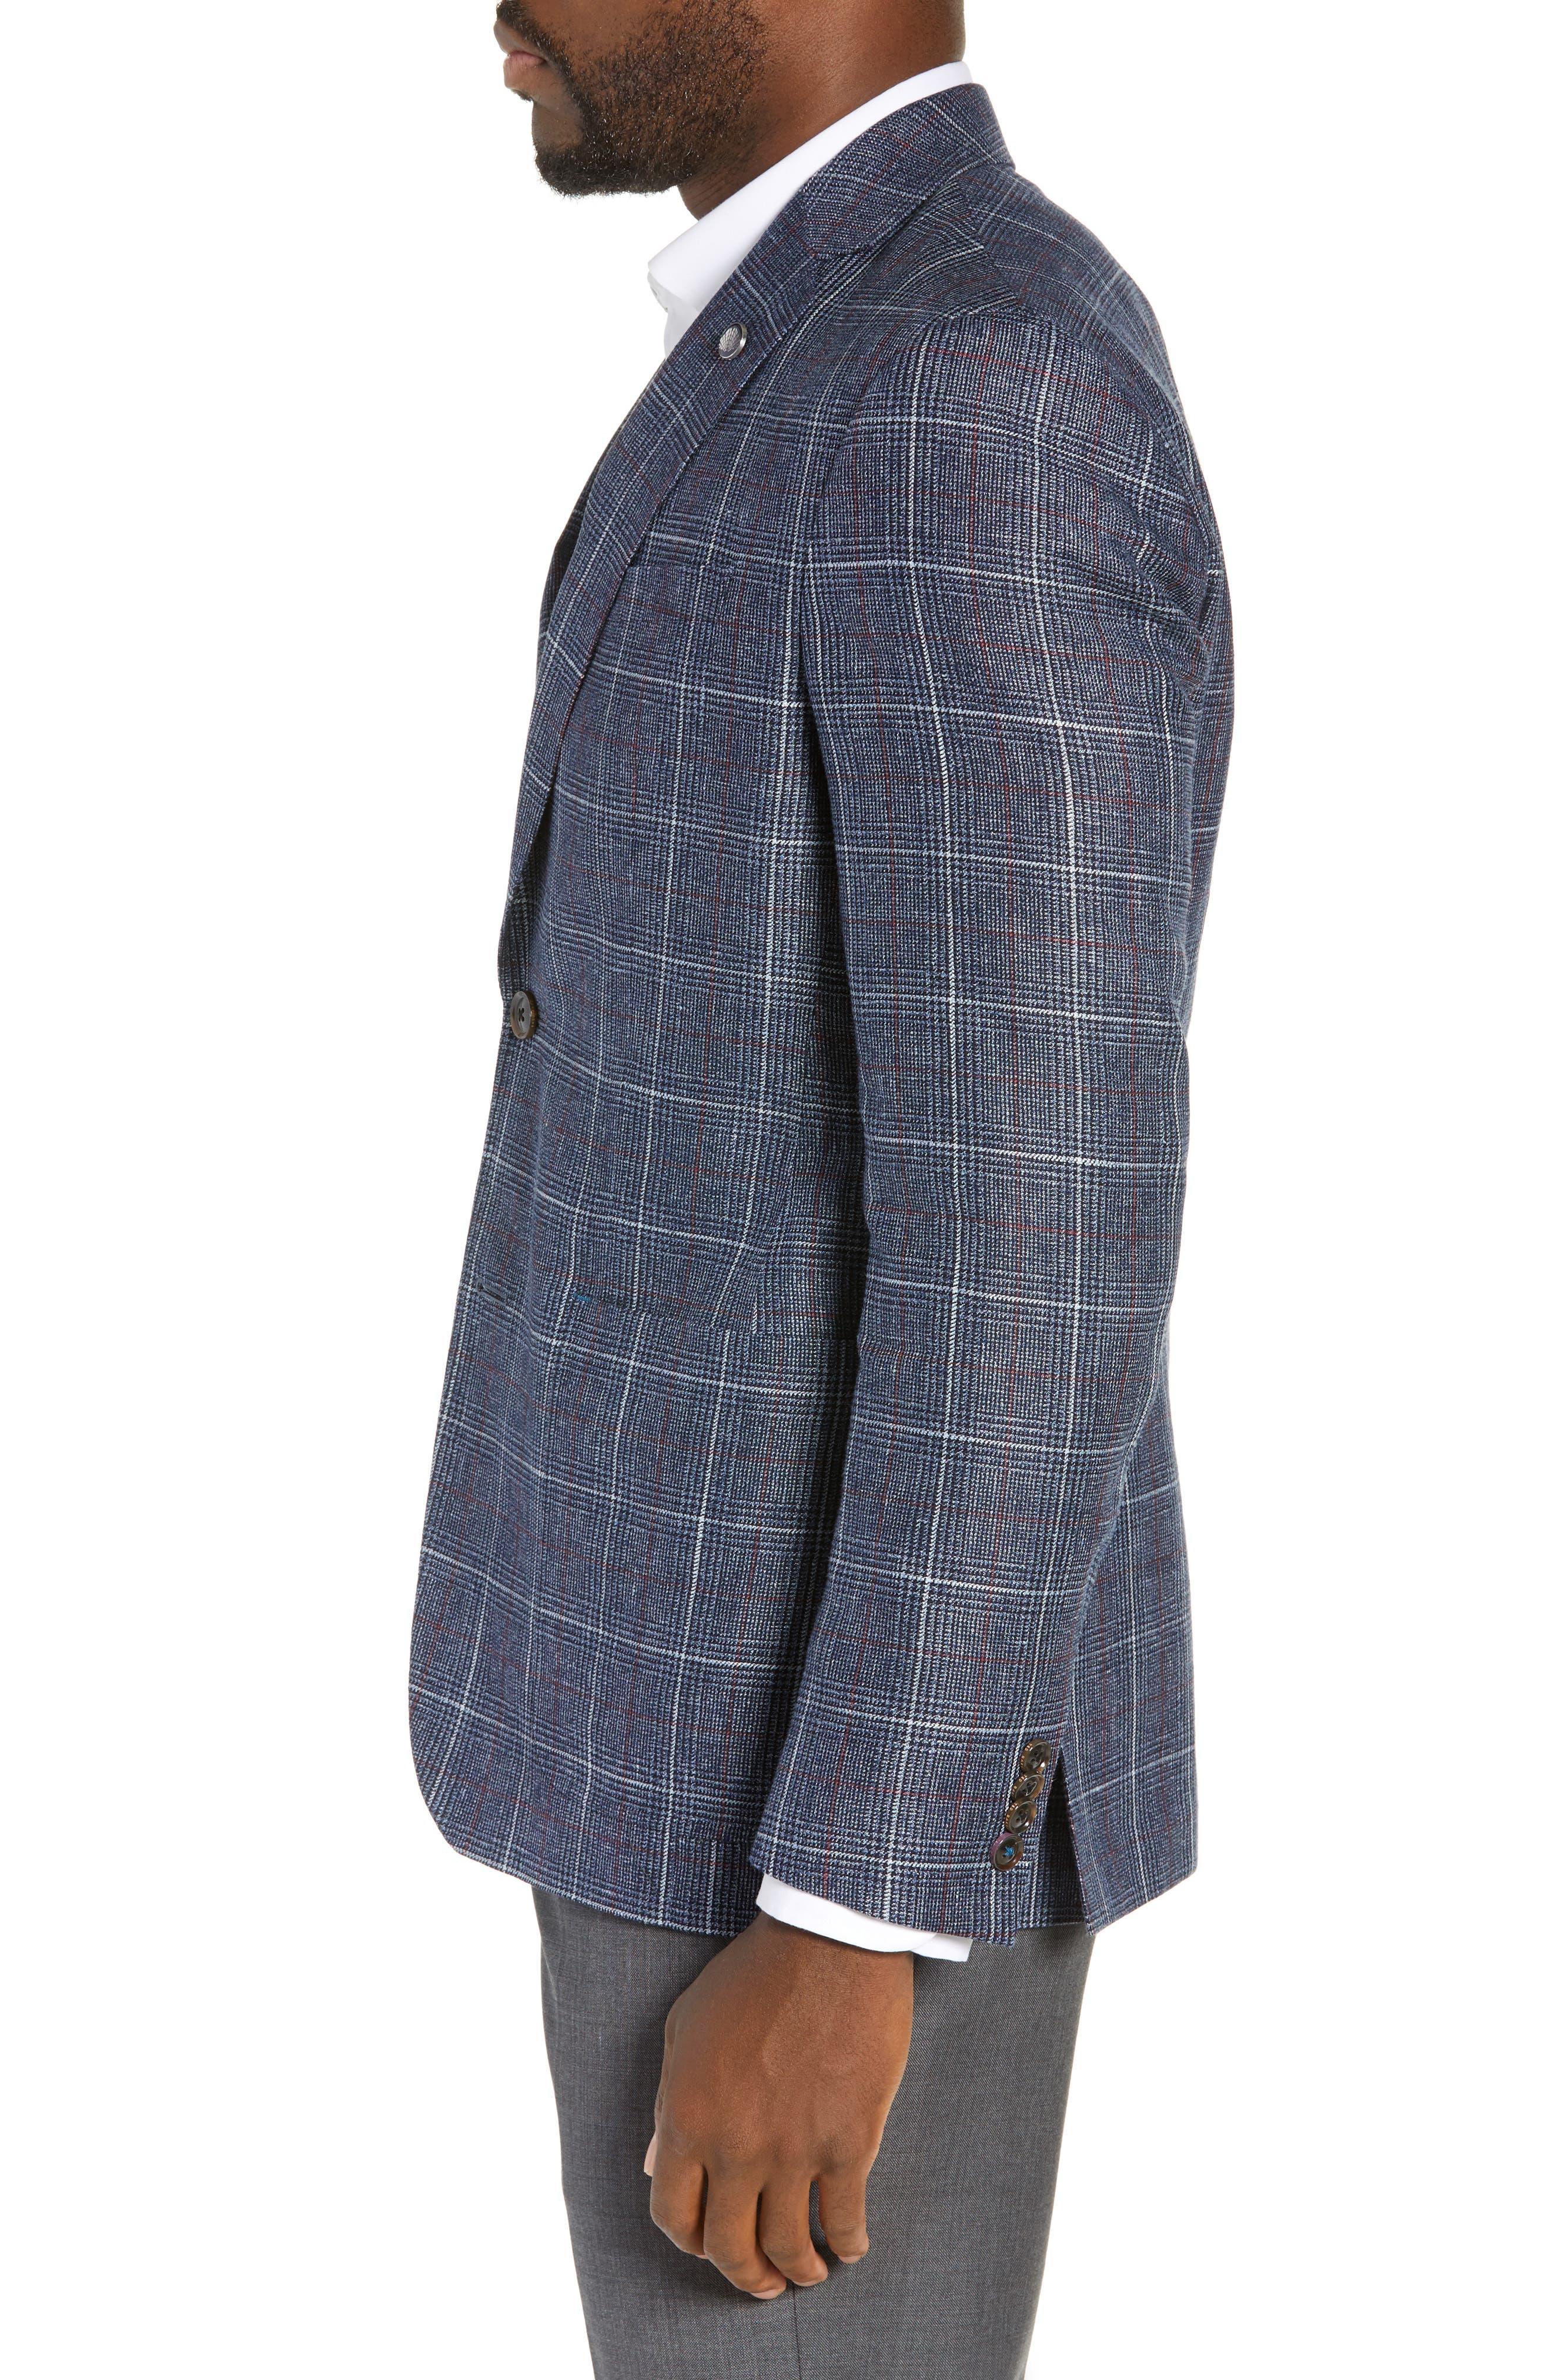 TED BAKER LONDON, Kyle Trim Fit Plaid Linen Blend Sport Coat, Alternate thumbnail 3, color, BLUE